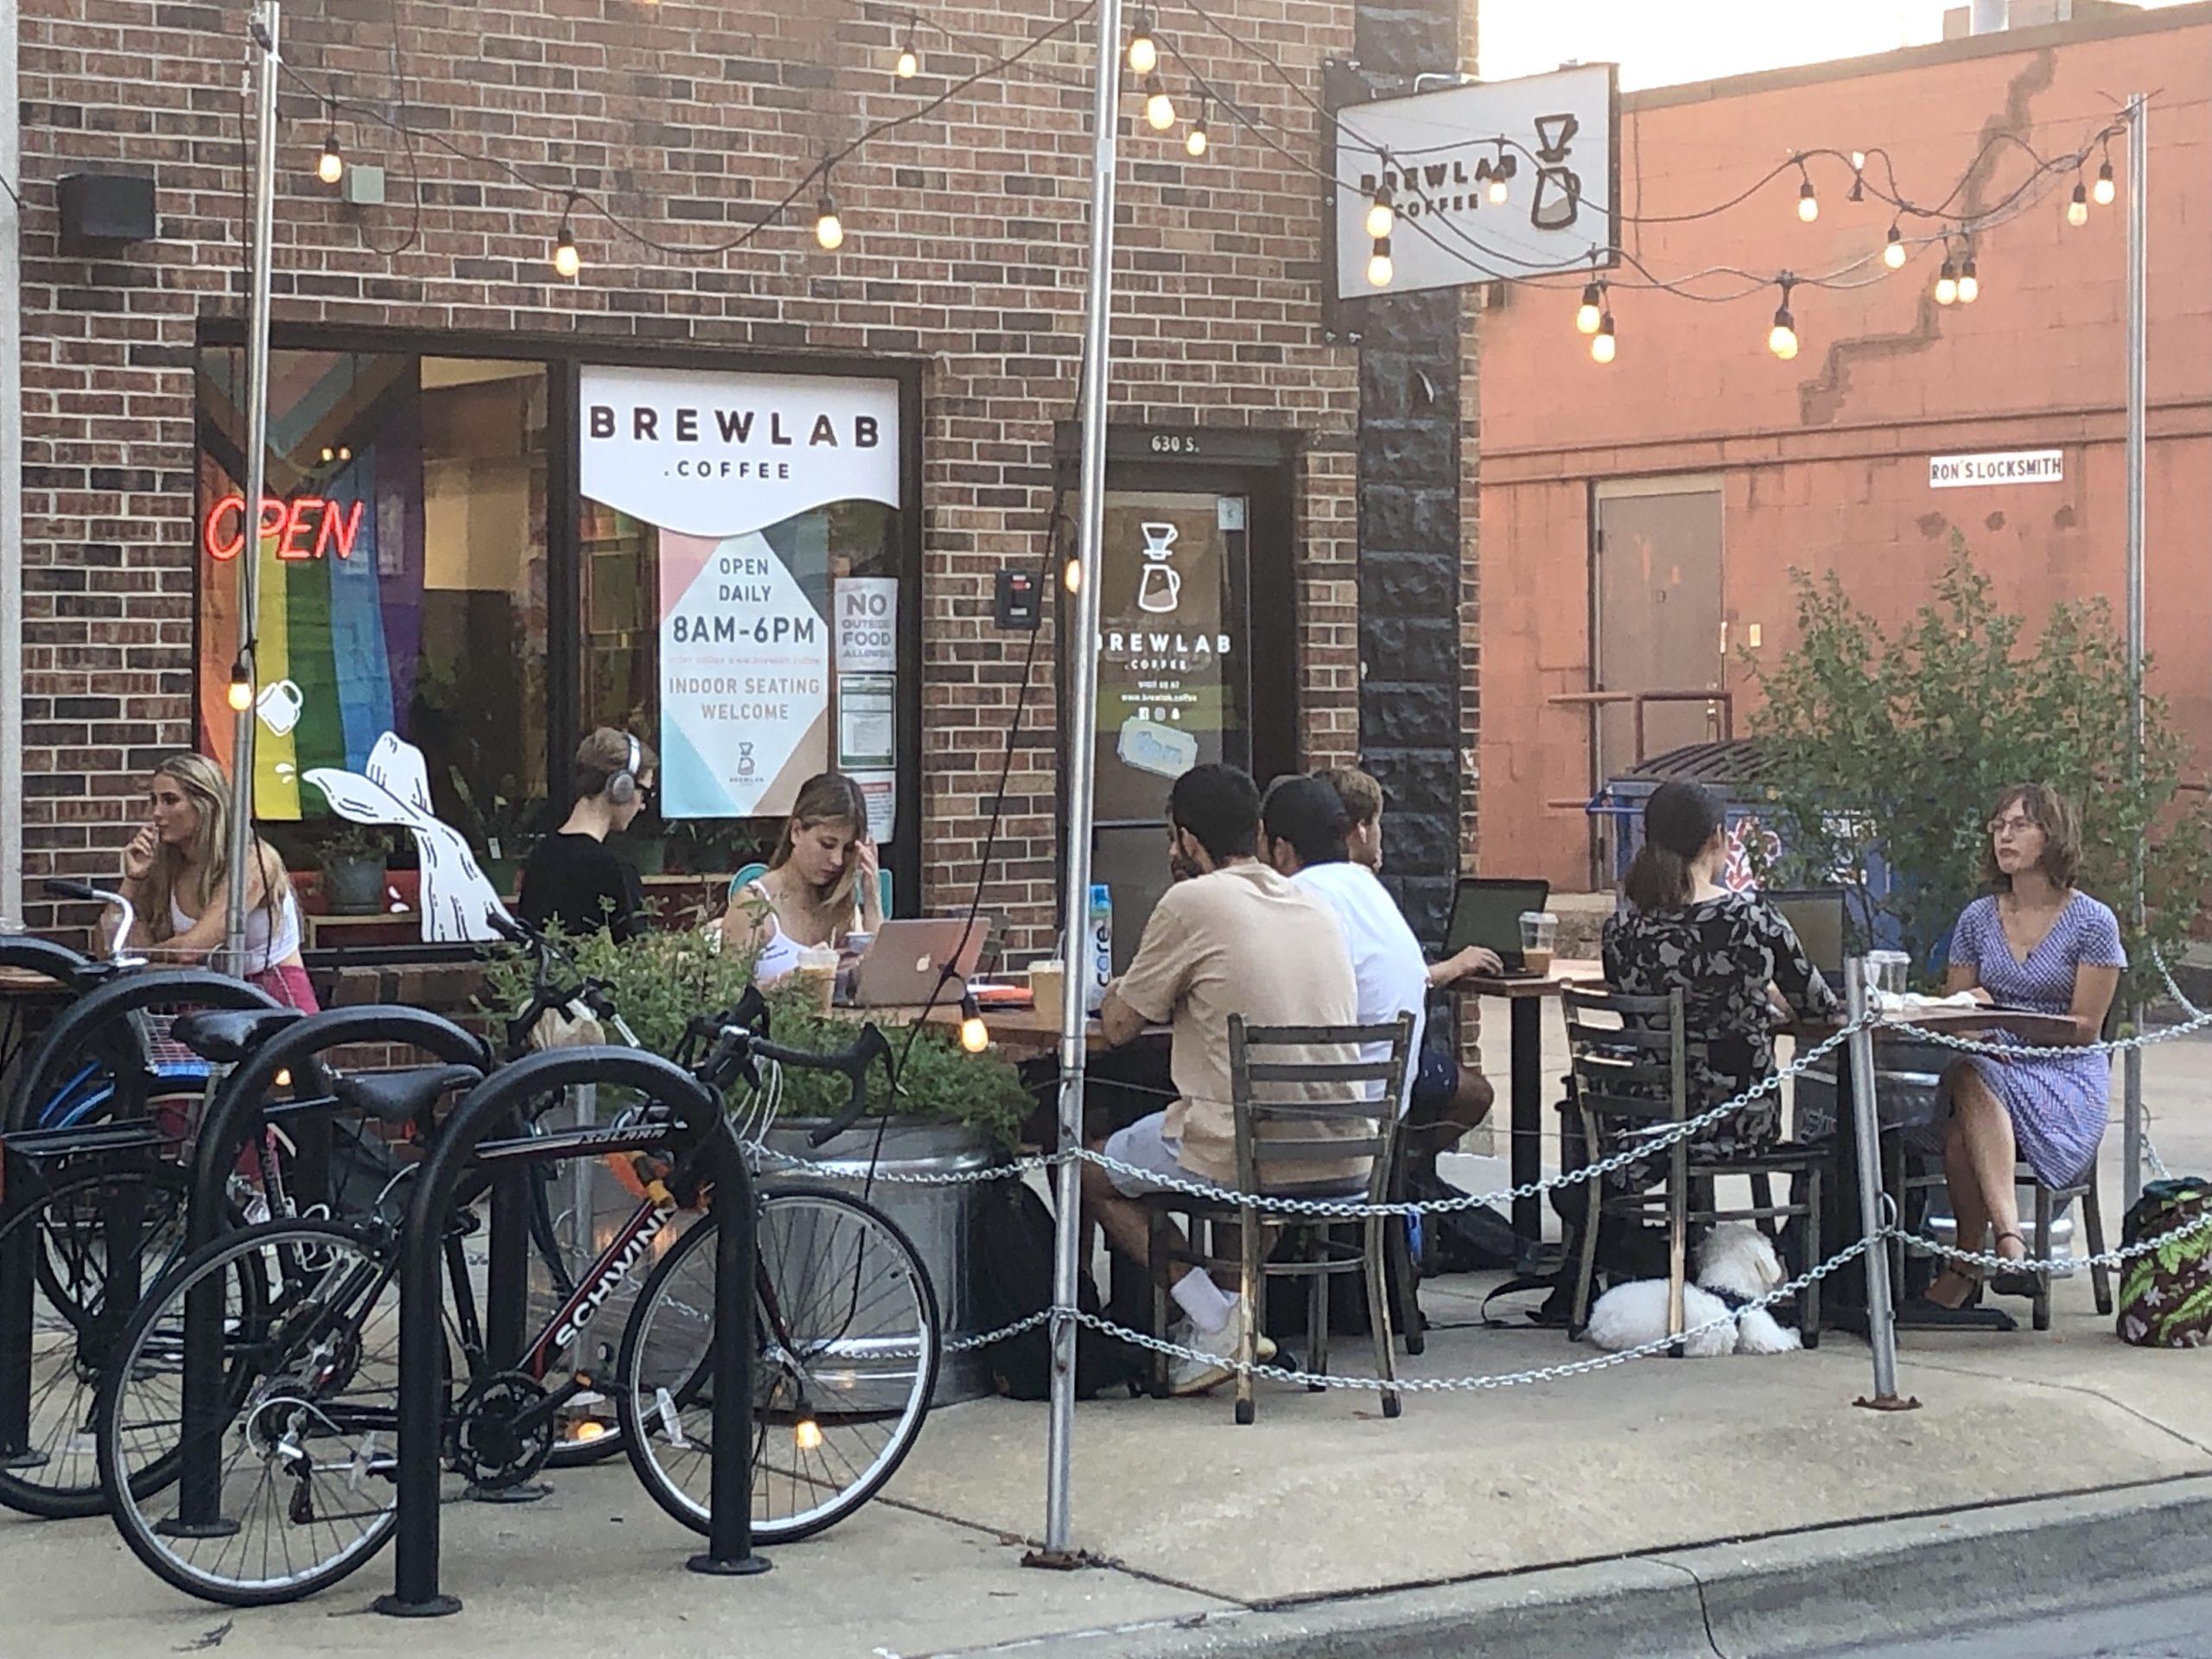 BrewLab coffee shop